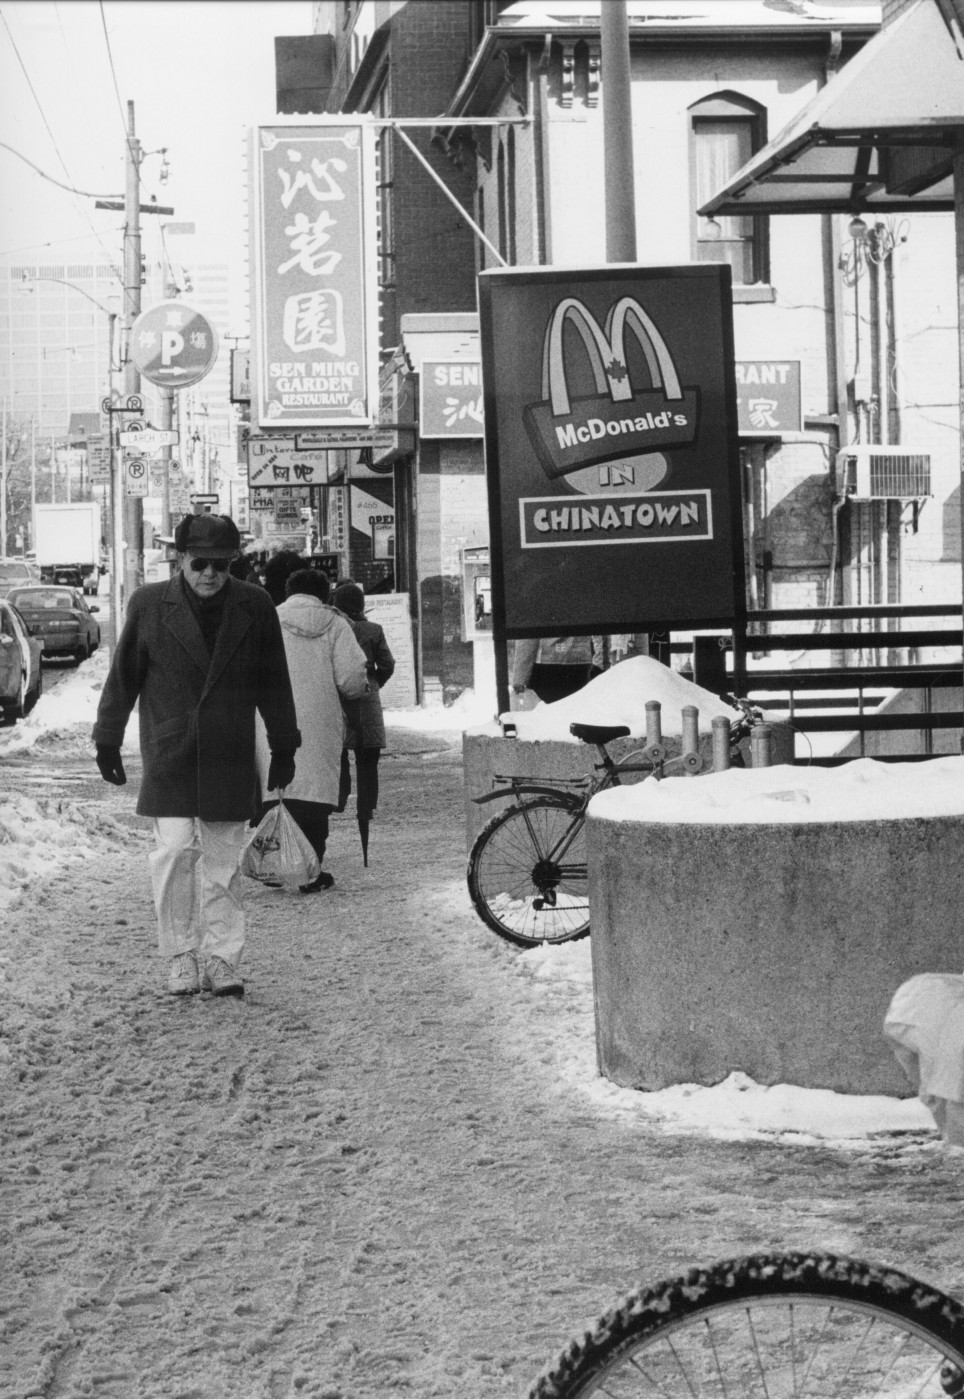 Guinevere Pura, </span><span><em>McDonald's in China Town</em>, </span><span>14 X 11